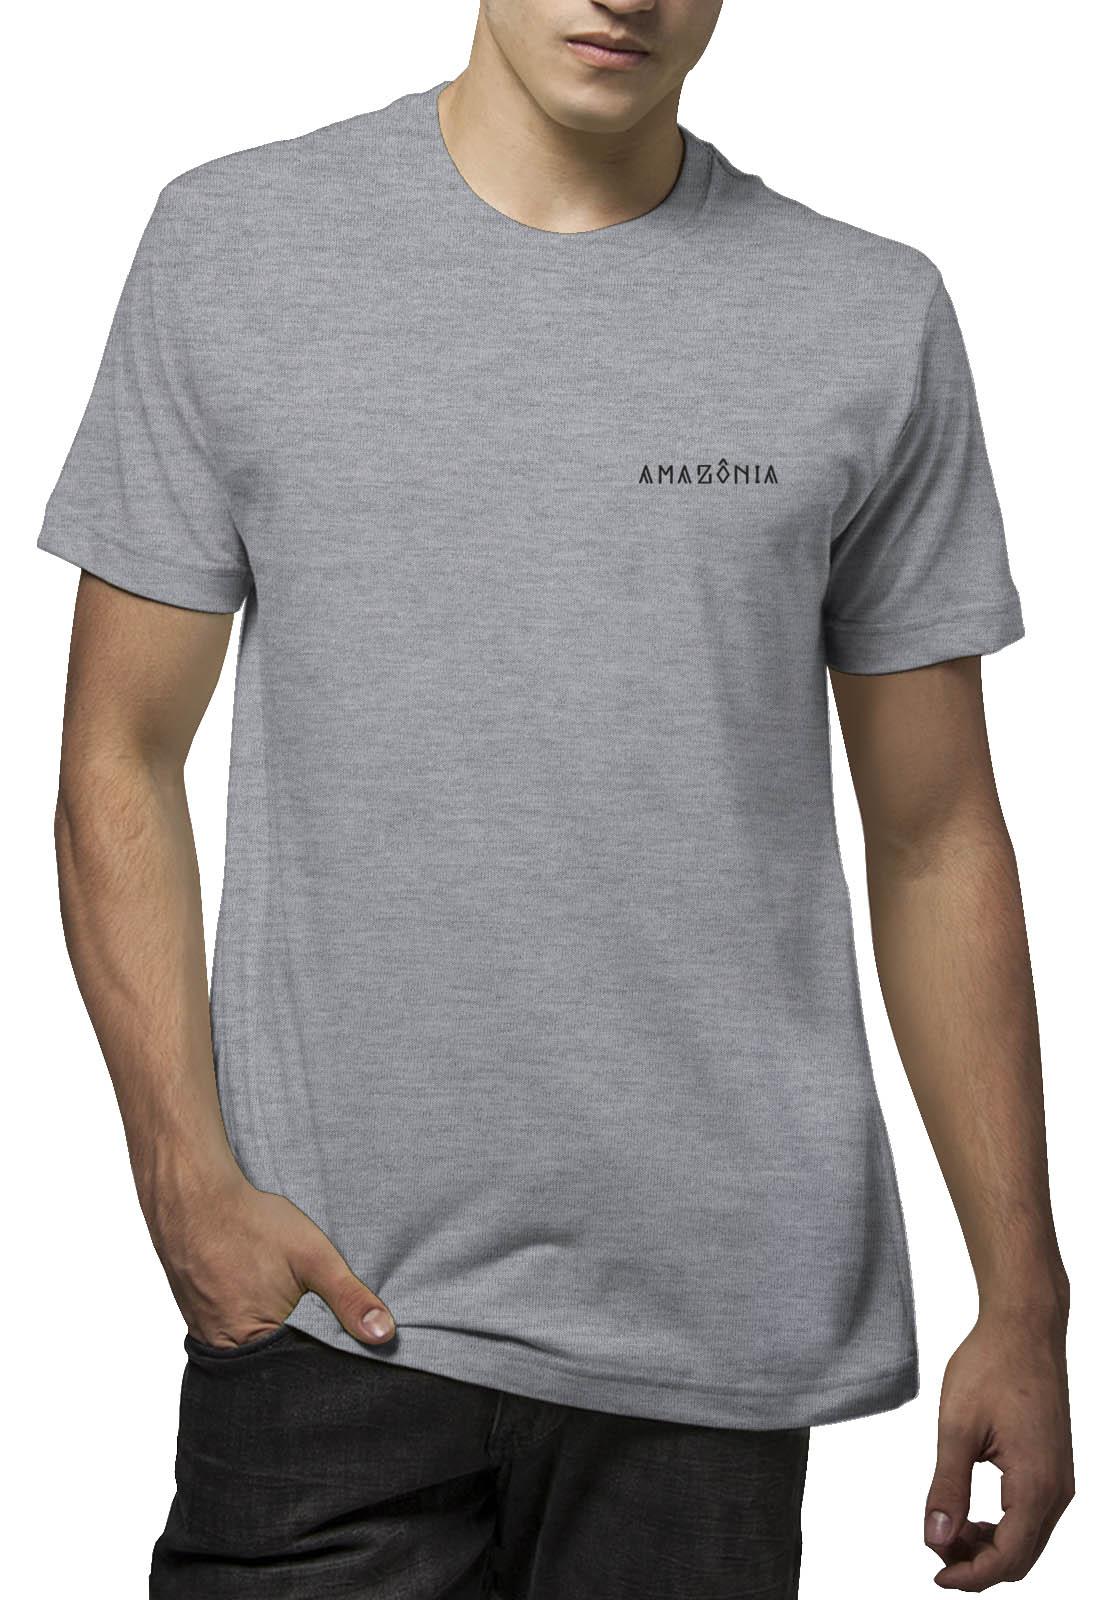 Camiseta Amazônia Cocar Indígena - Mescla